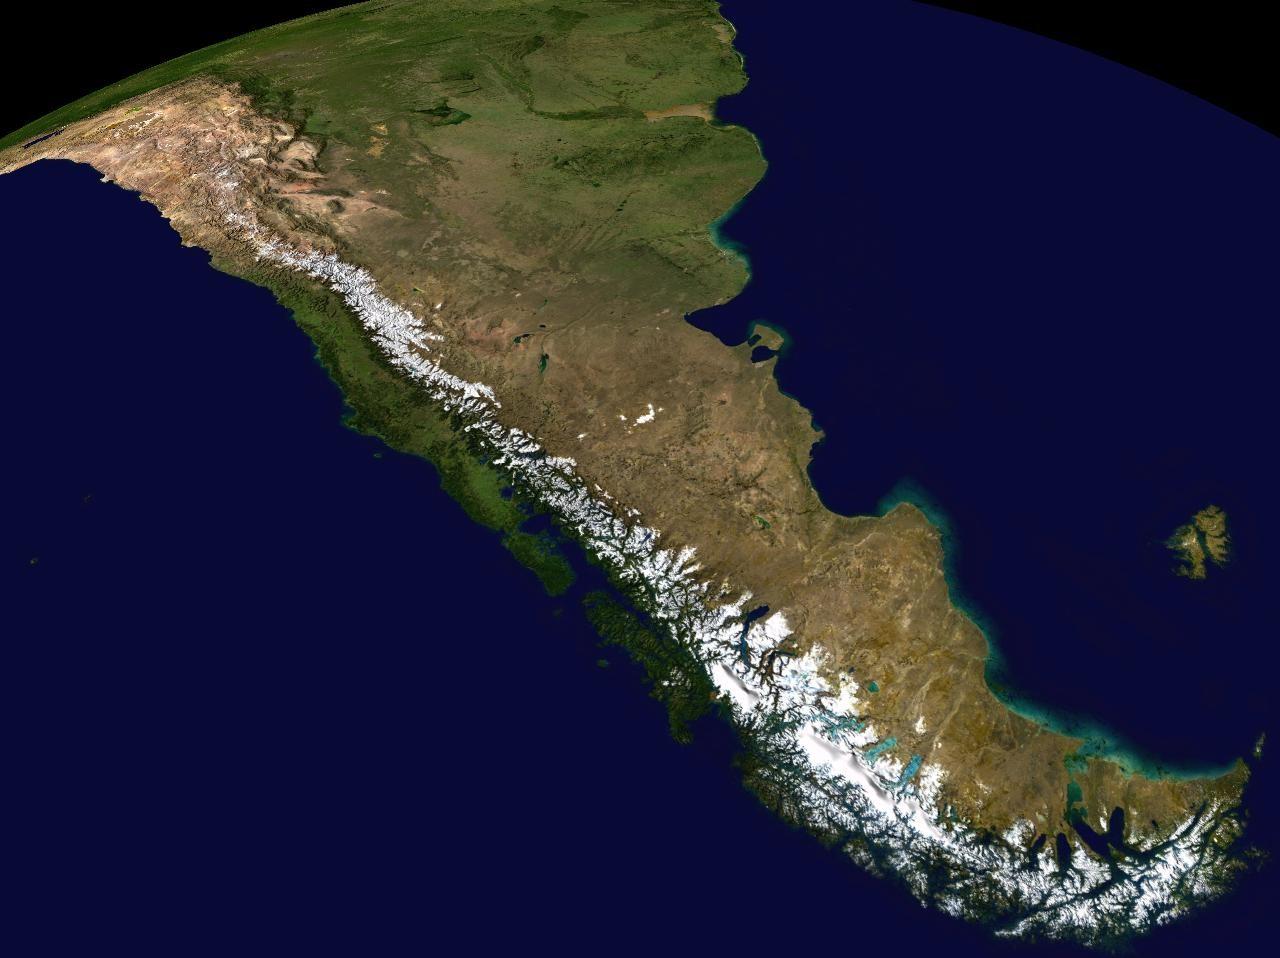 Andes - Public Domain